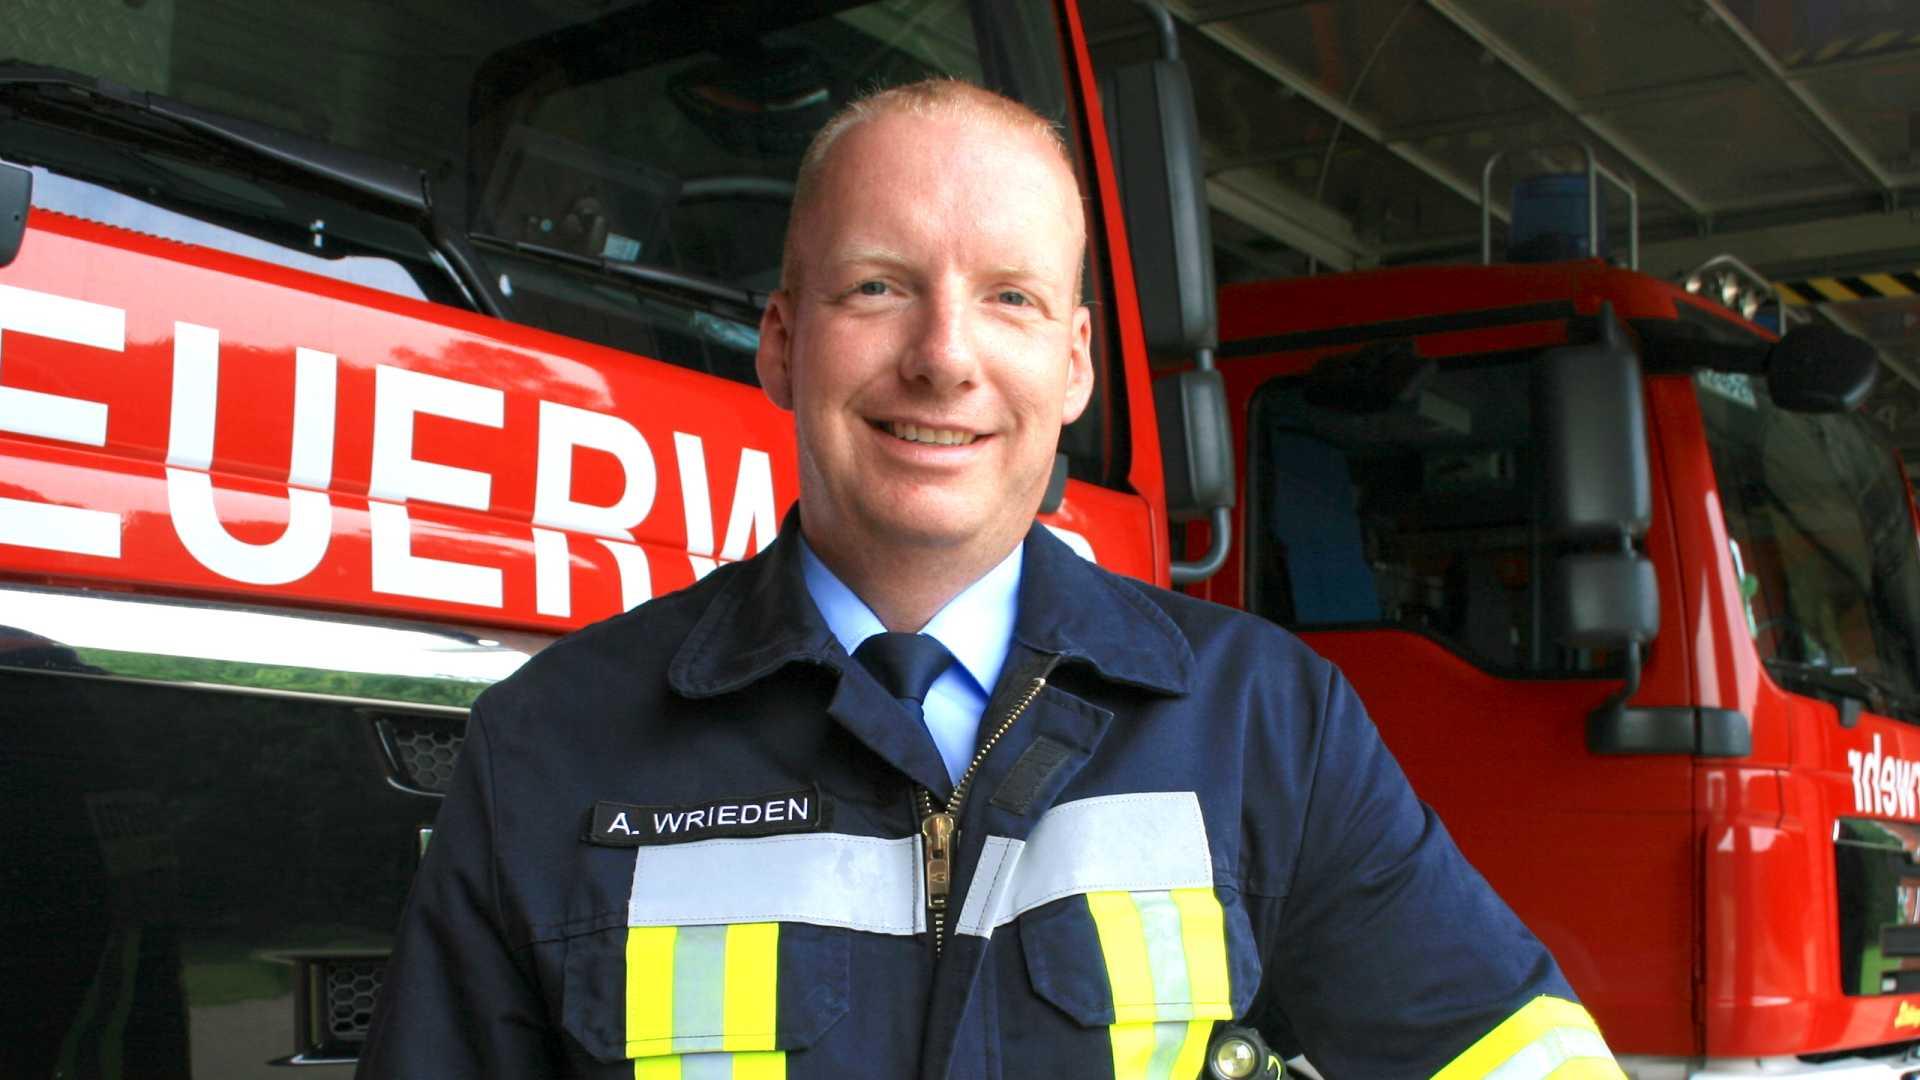 Andre Wrieden